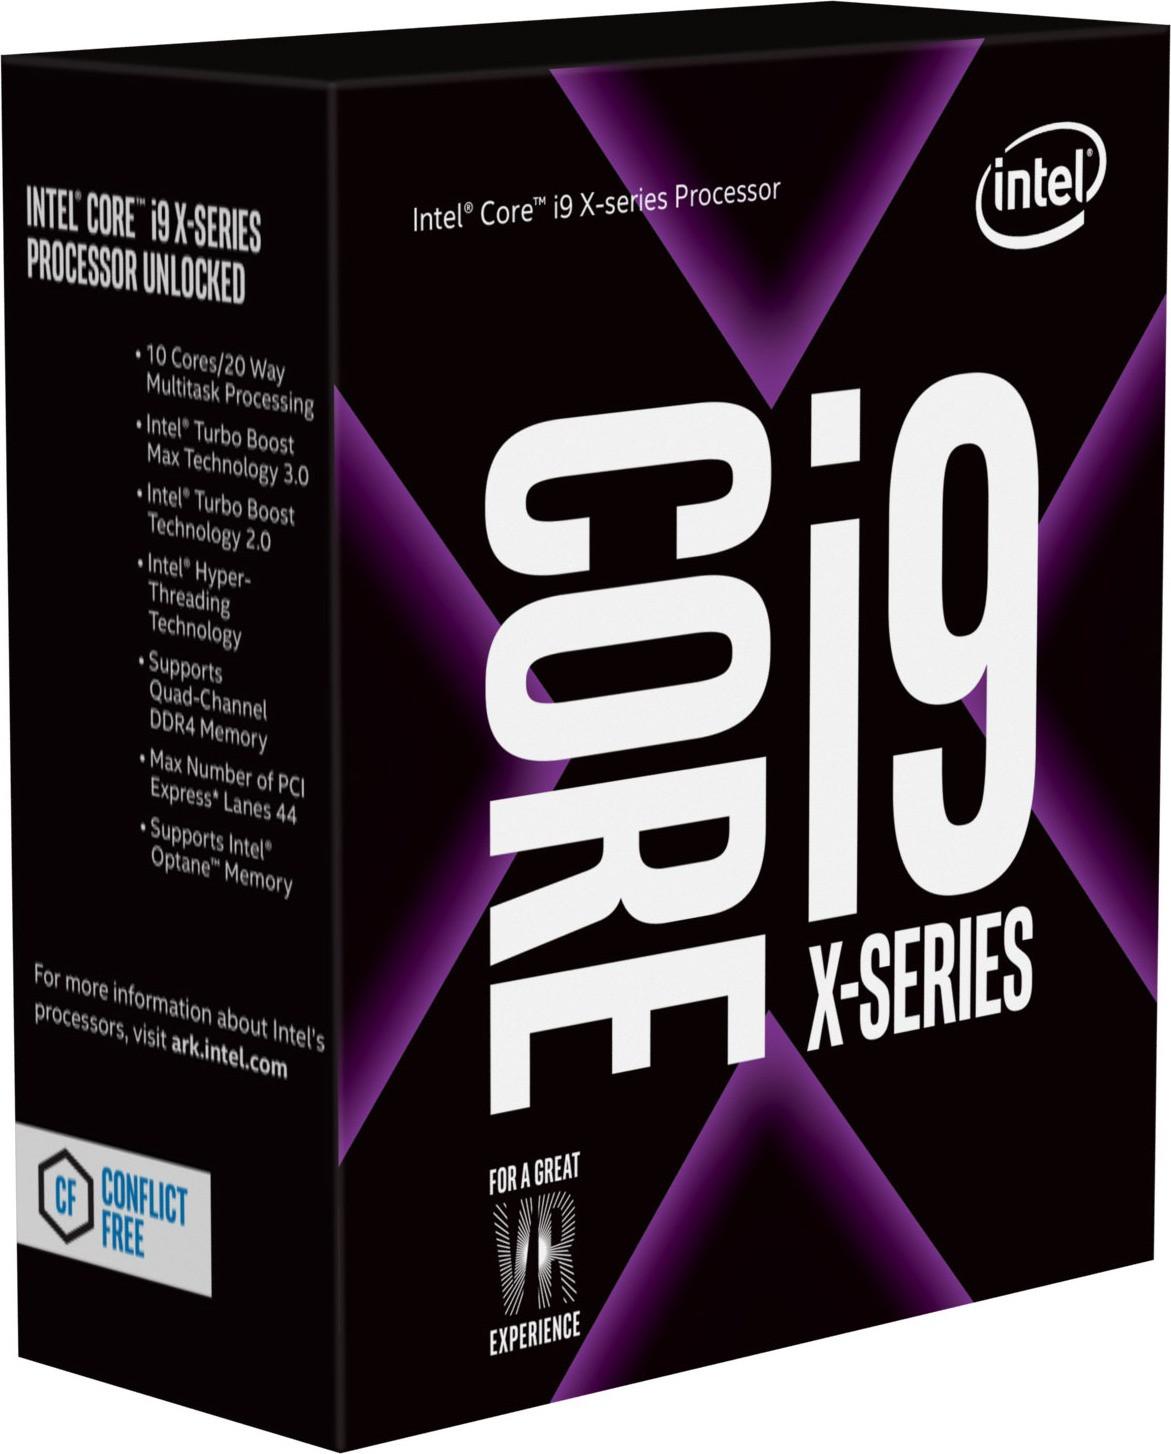 Intel Core i9-7900X Box WOF (Socket 2066, 14nm, BX80673I97900X)